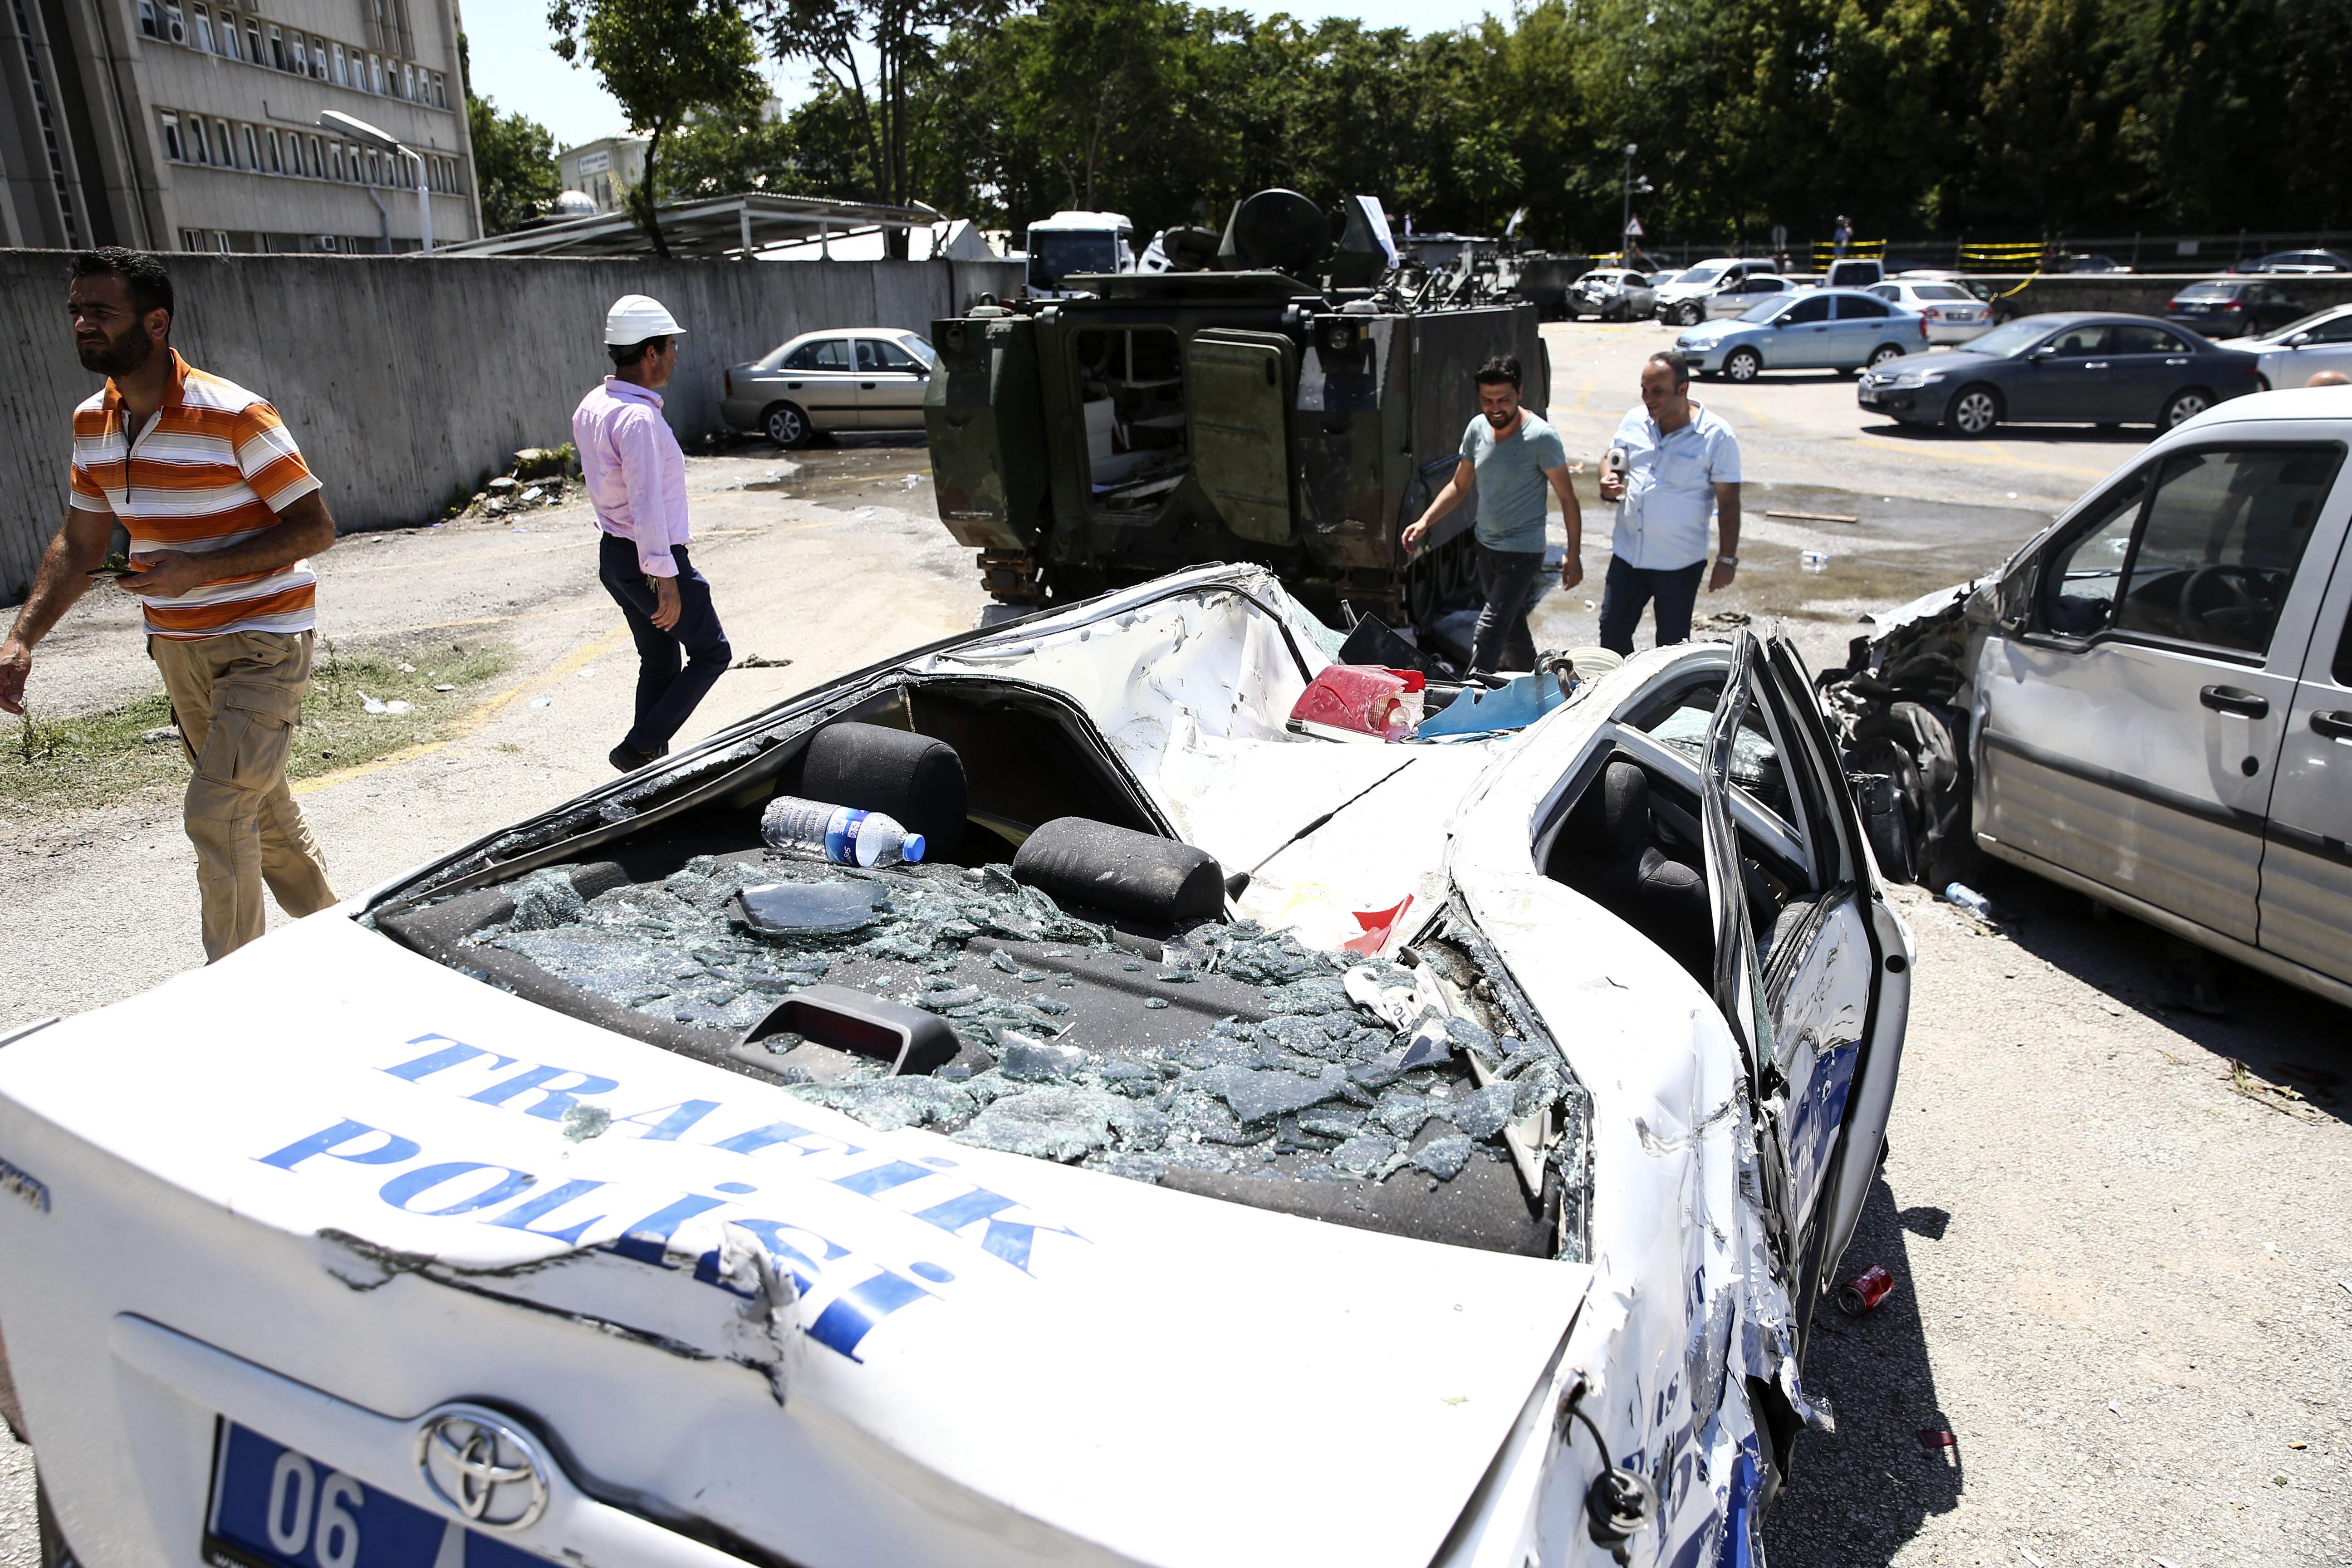 Tanklar ile otoparkta bulunan araçların üzerinden geçildi.